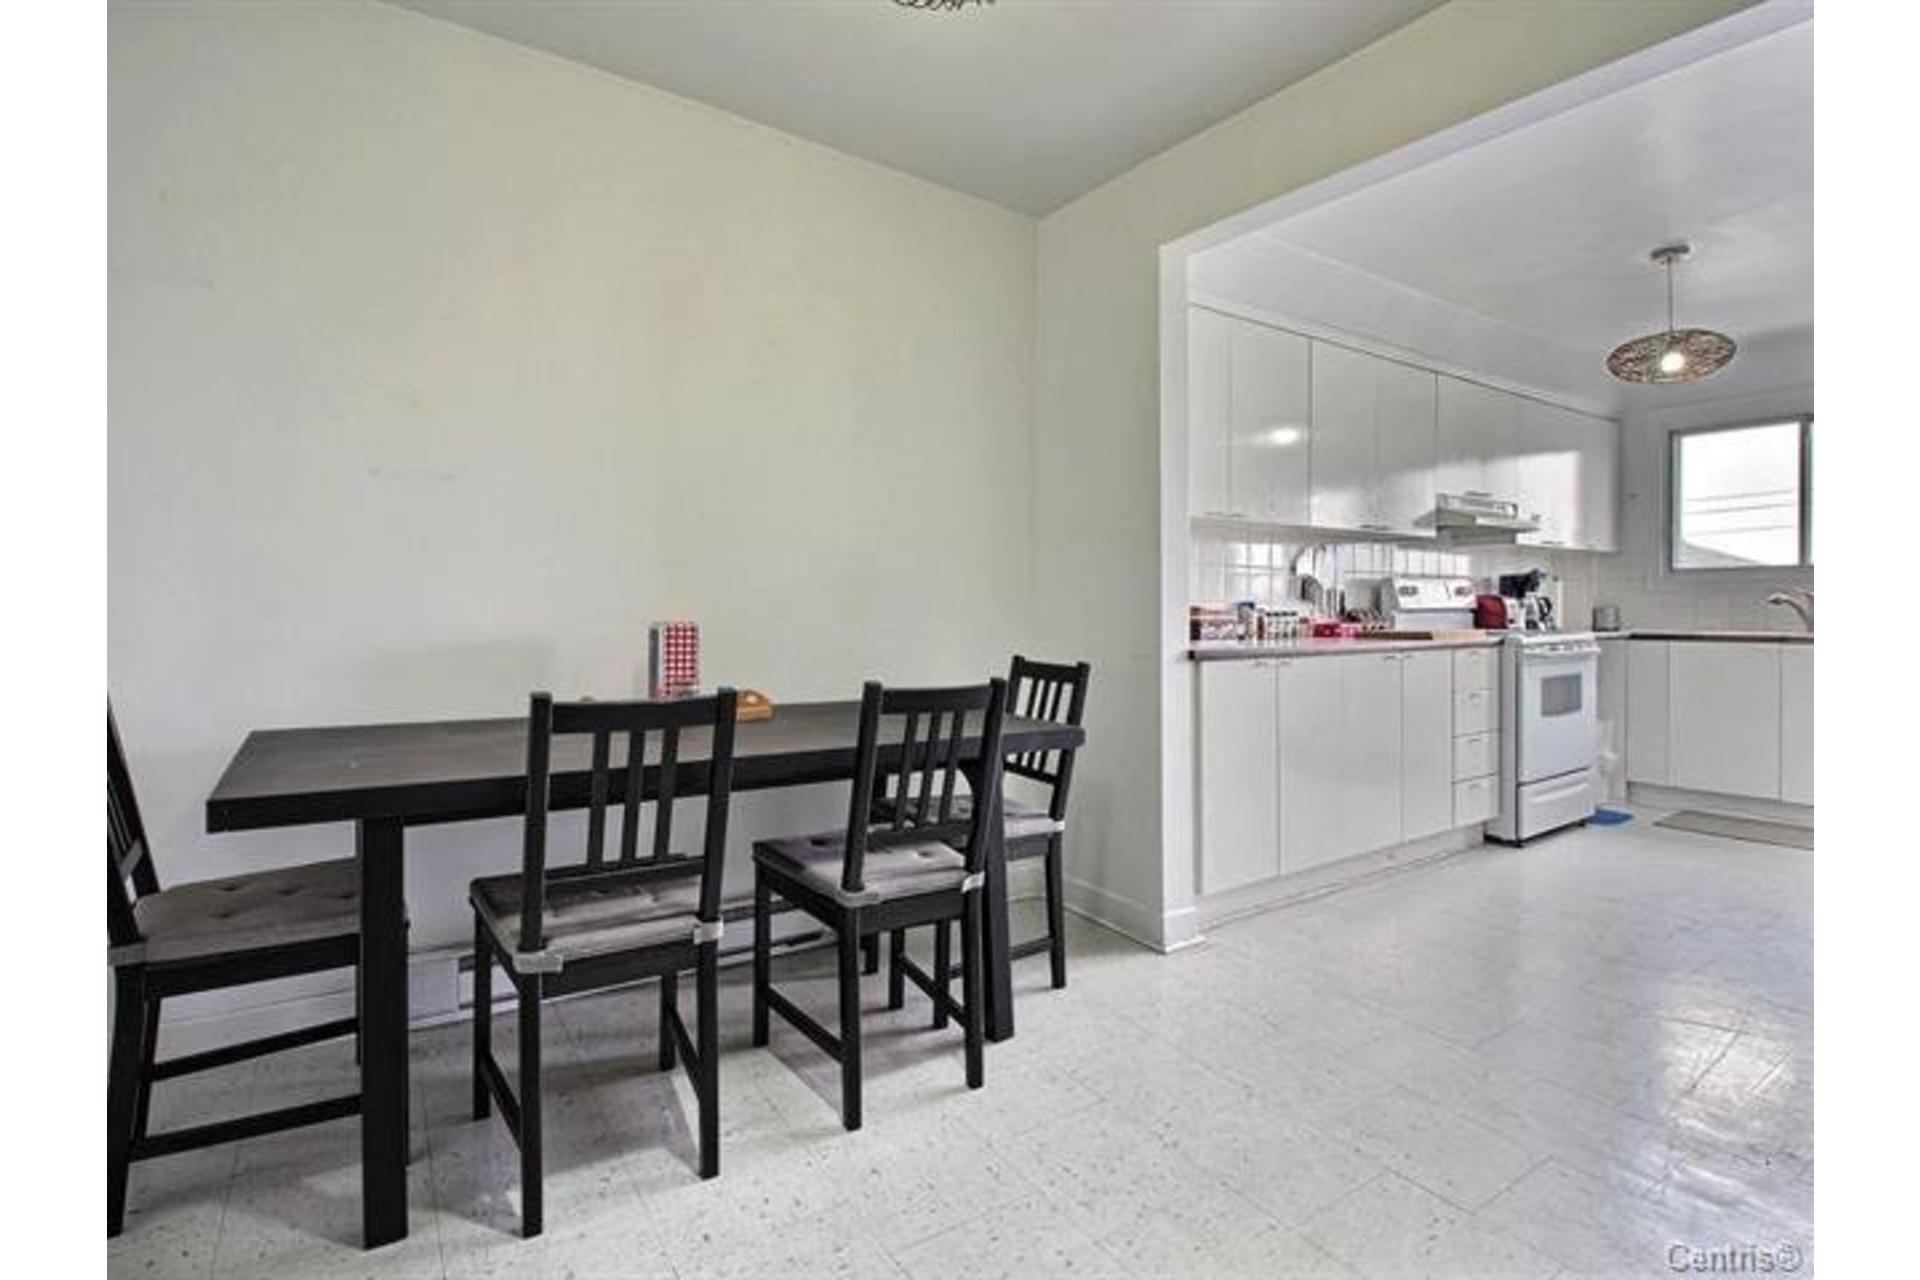 image 25 - Triplex For sale Montréal Mercier/Hochelaga-Maisonneuve  - 7 rooms